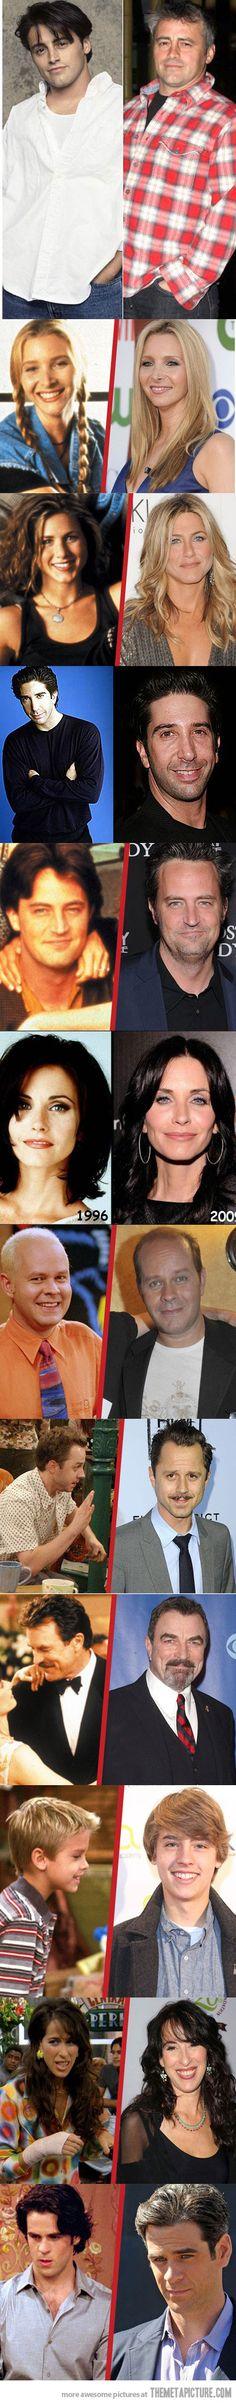 Friends: Then & Now